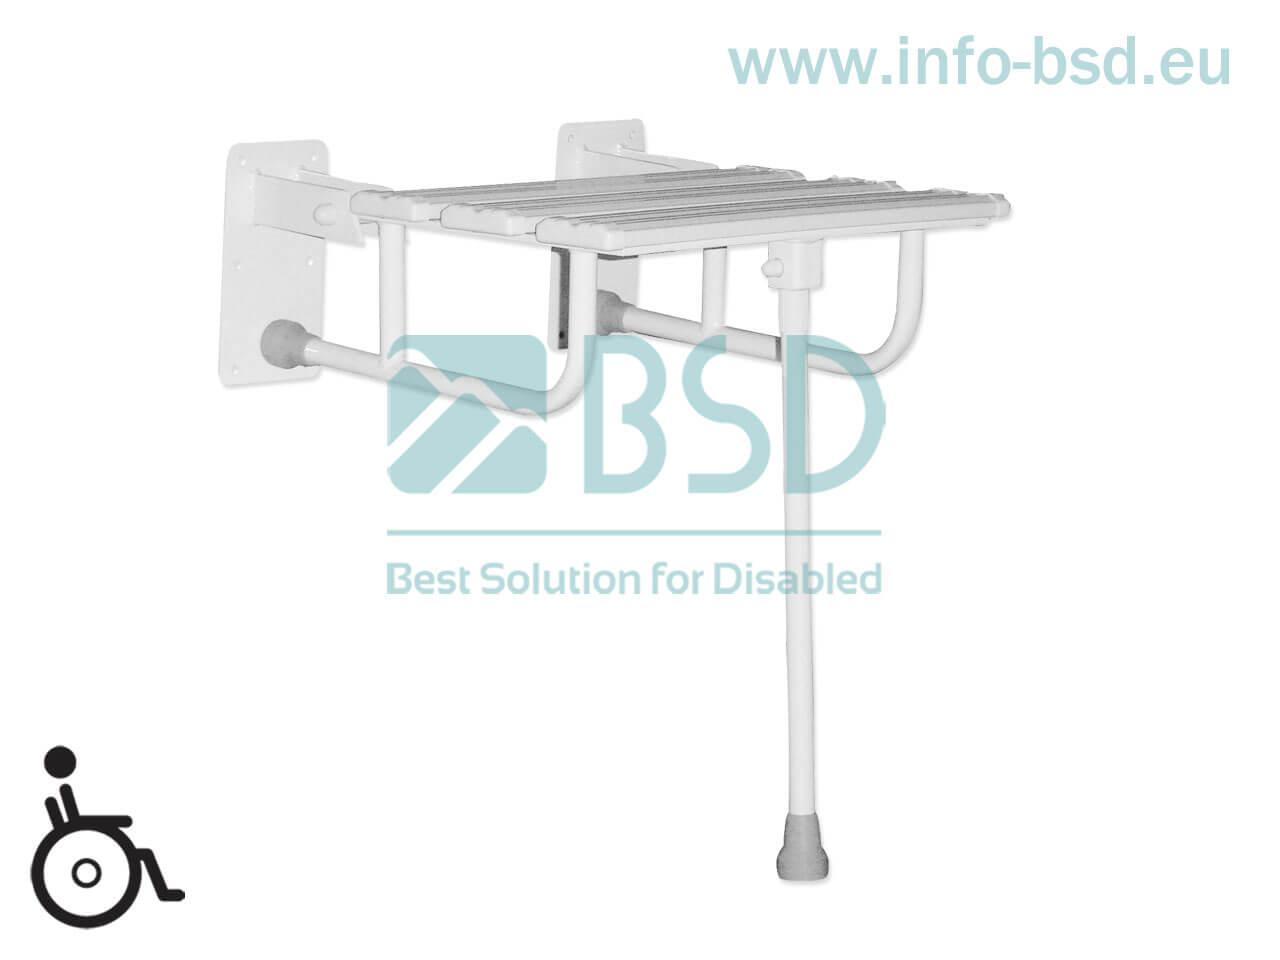 krzesełko prysznicowe dla osób niepełnosprawnych białe wzmocnione z podporą KPU N B25 BSD